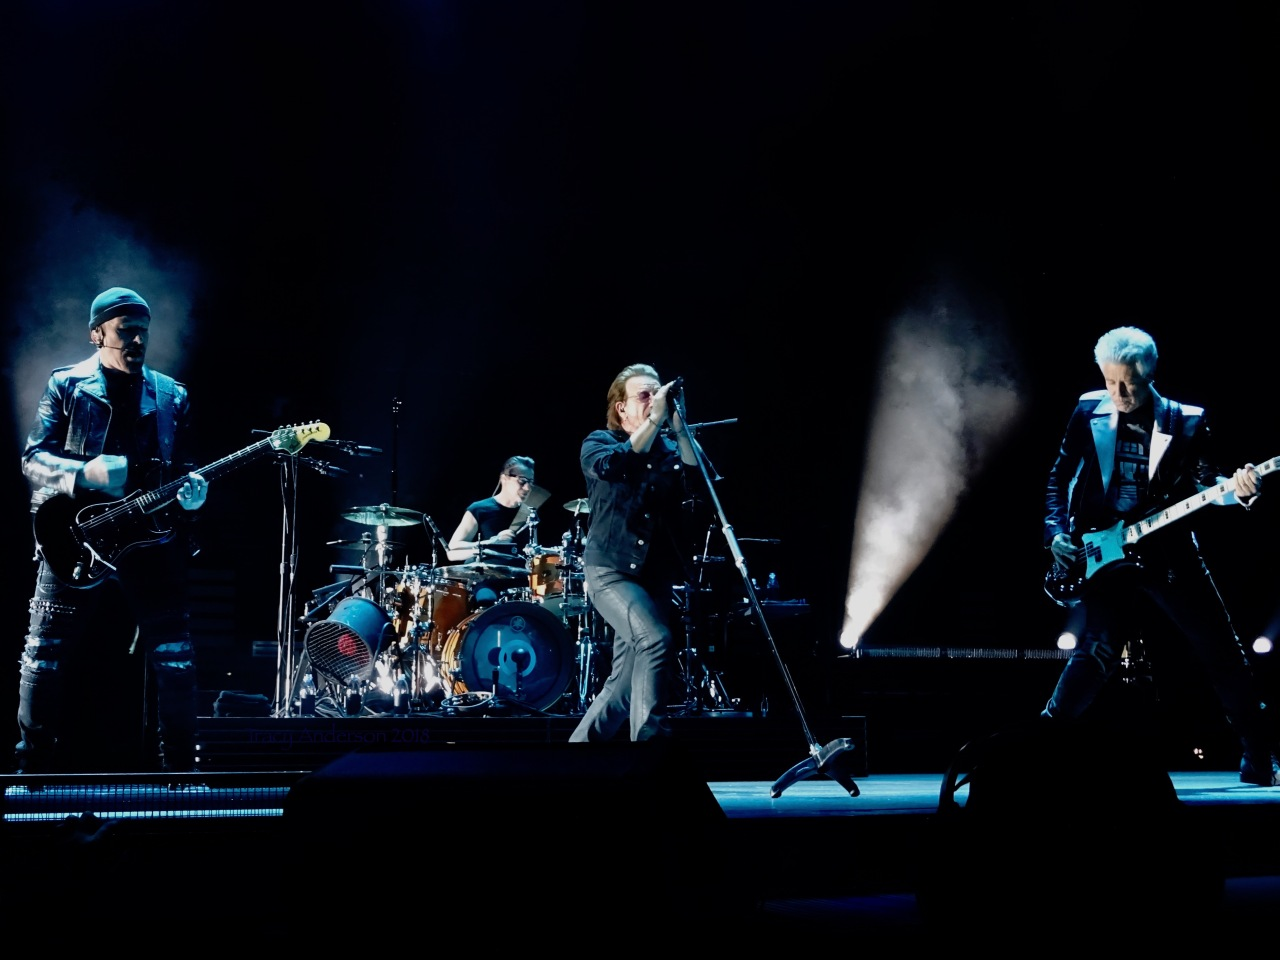 U2 eiTour Las Vegas May 11 2018